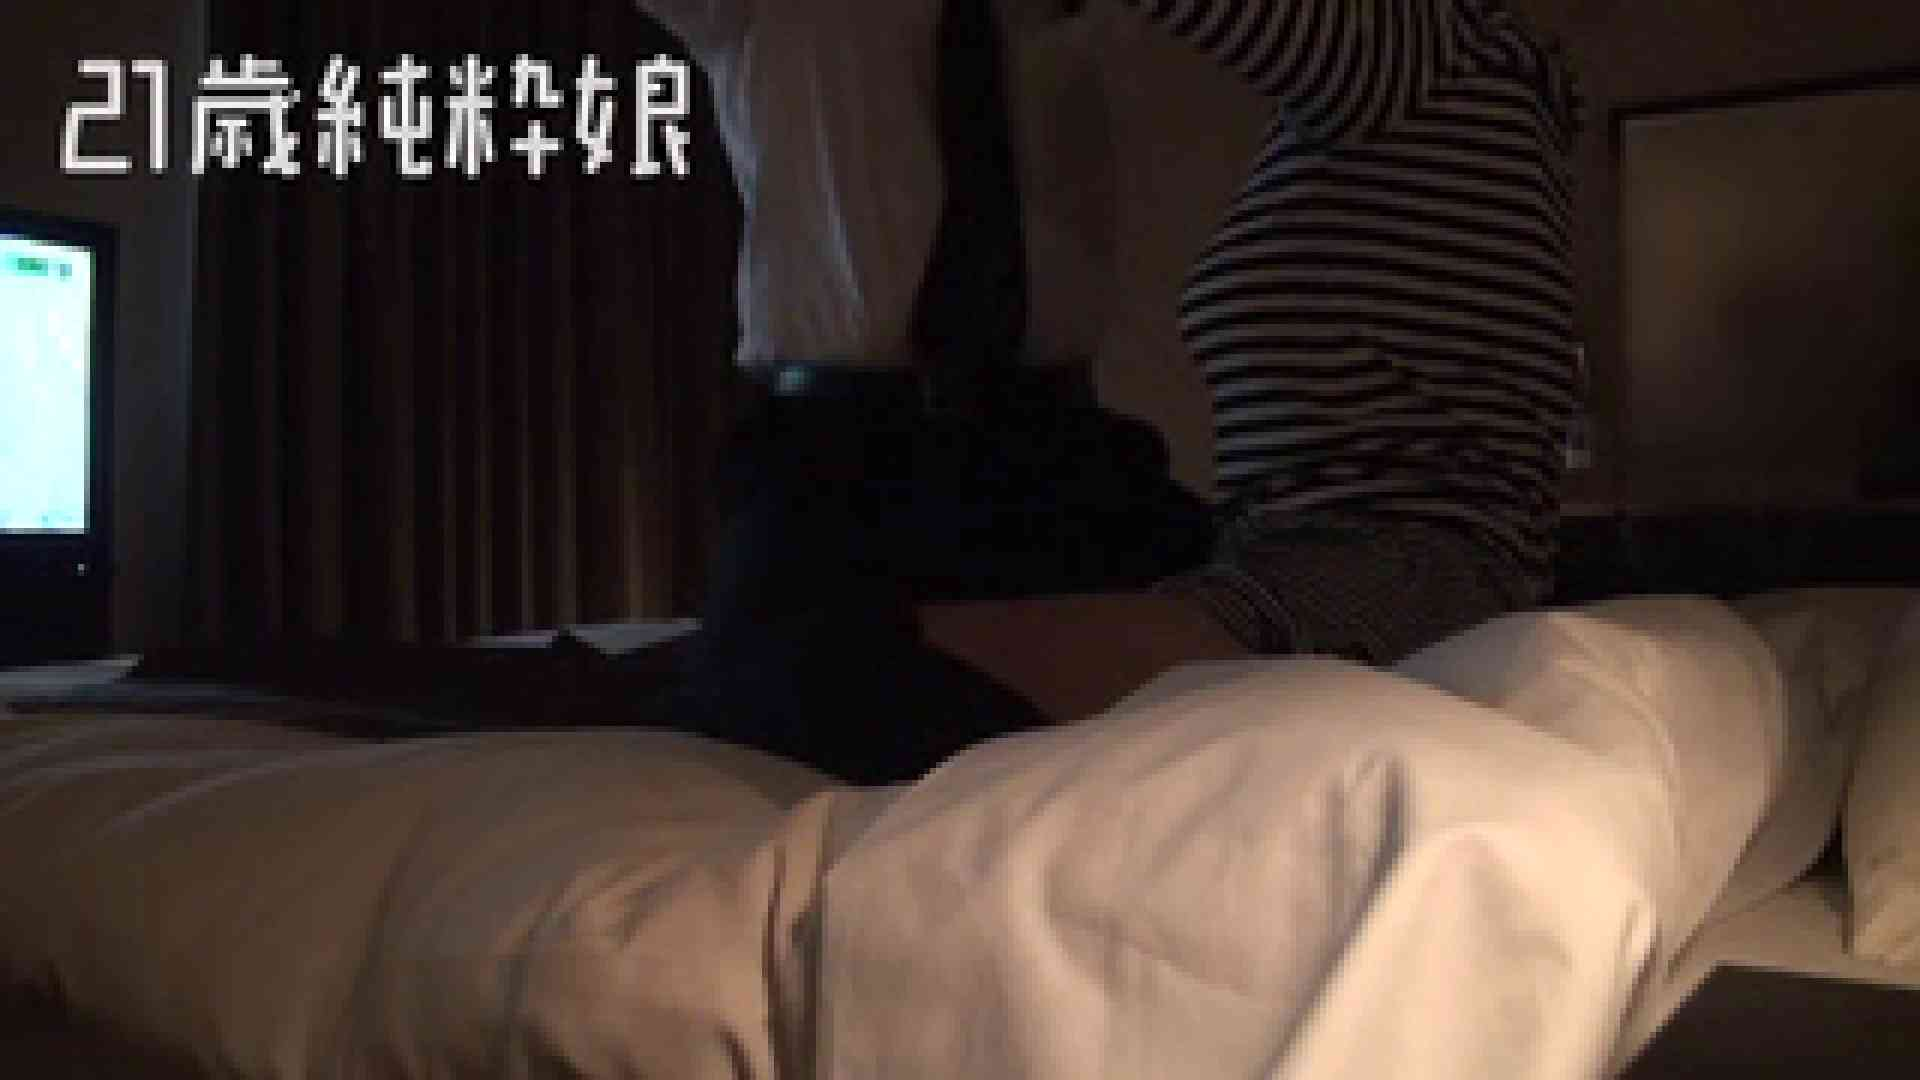 上京したばかりのGカップ21歳純粋嬢を都合の良い女にしてみた4 友人 オマンコ無修正動画無料 90画像 19